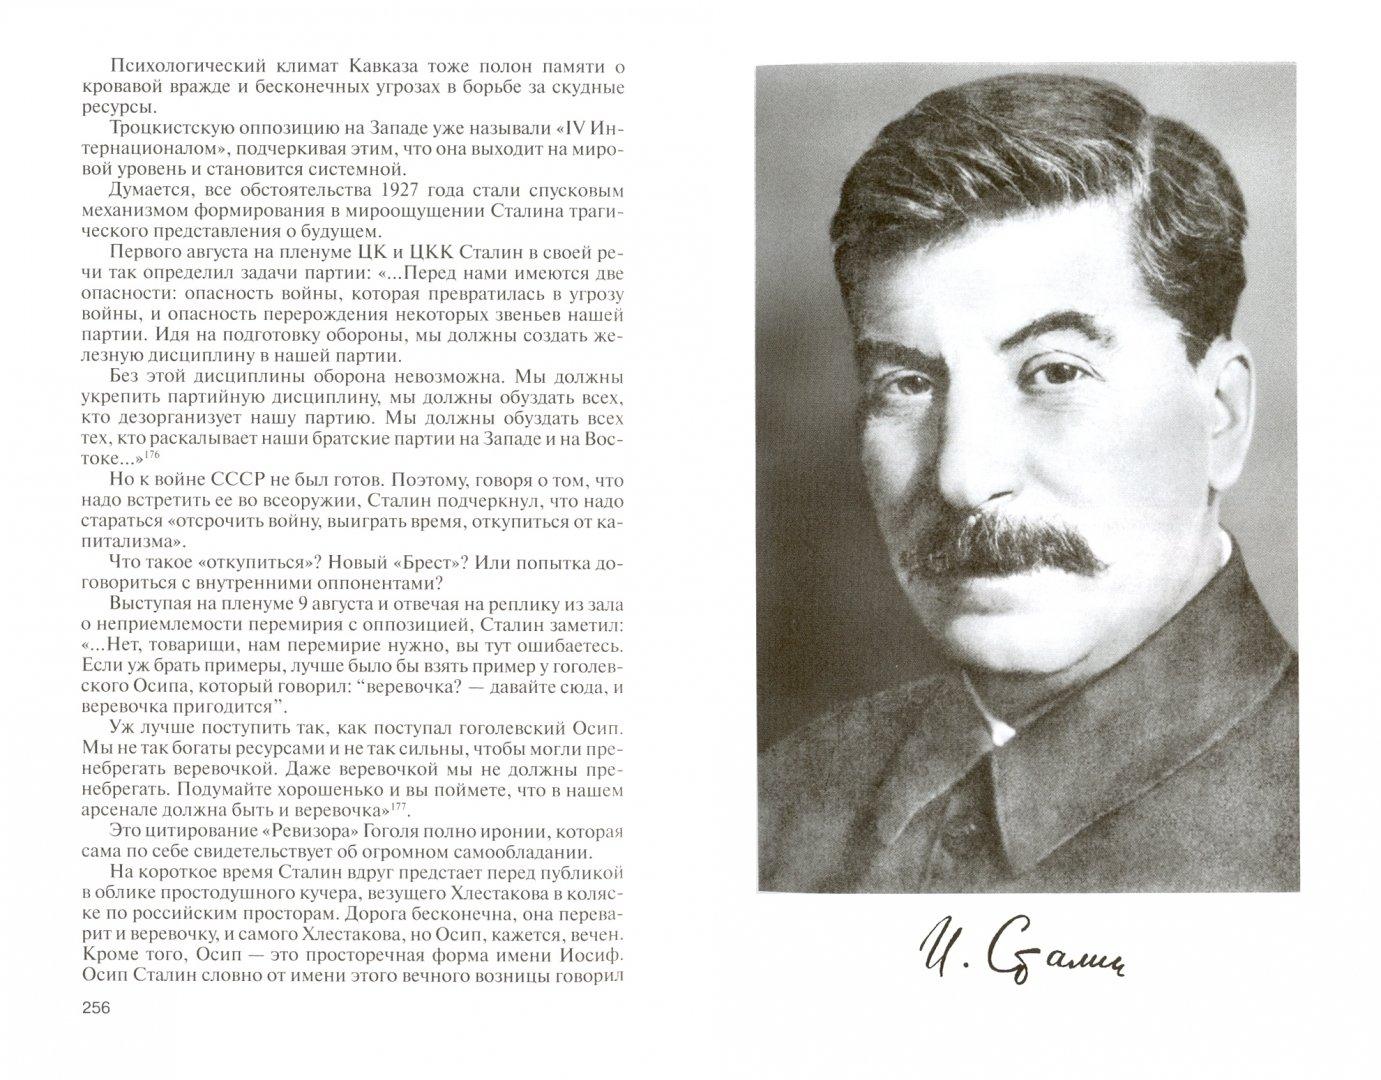 Иллюстрация 1 из 64 для Сталин - Святослав Рыбас | Лабиринт - книги. Источник: Лабиринт